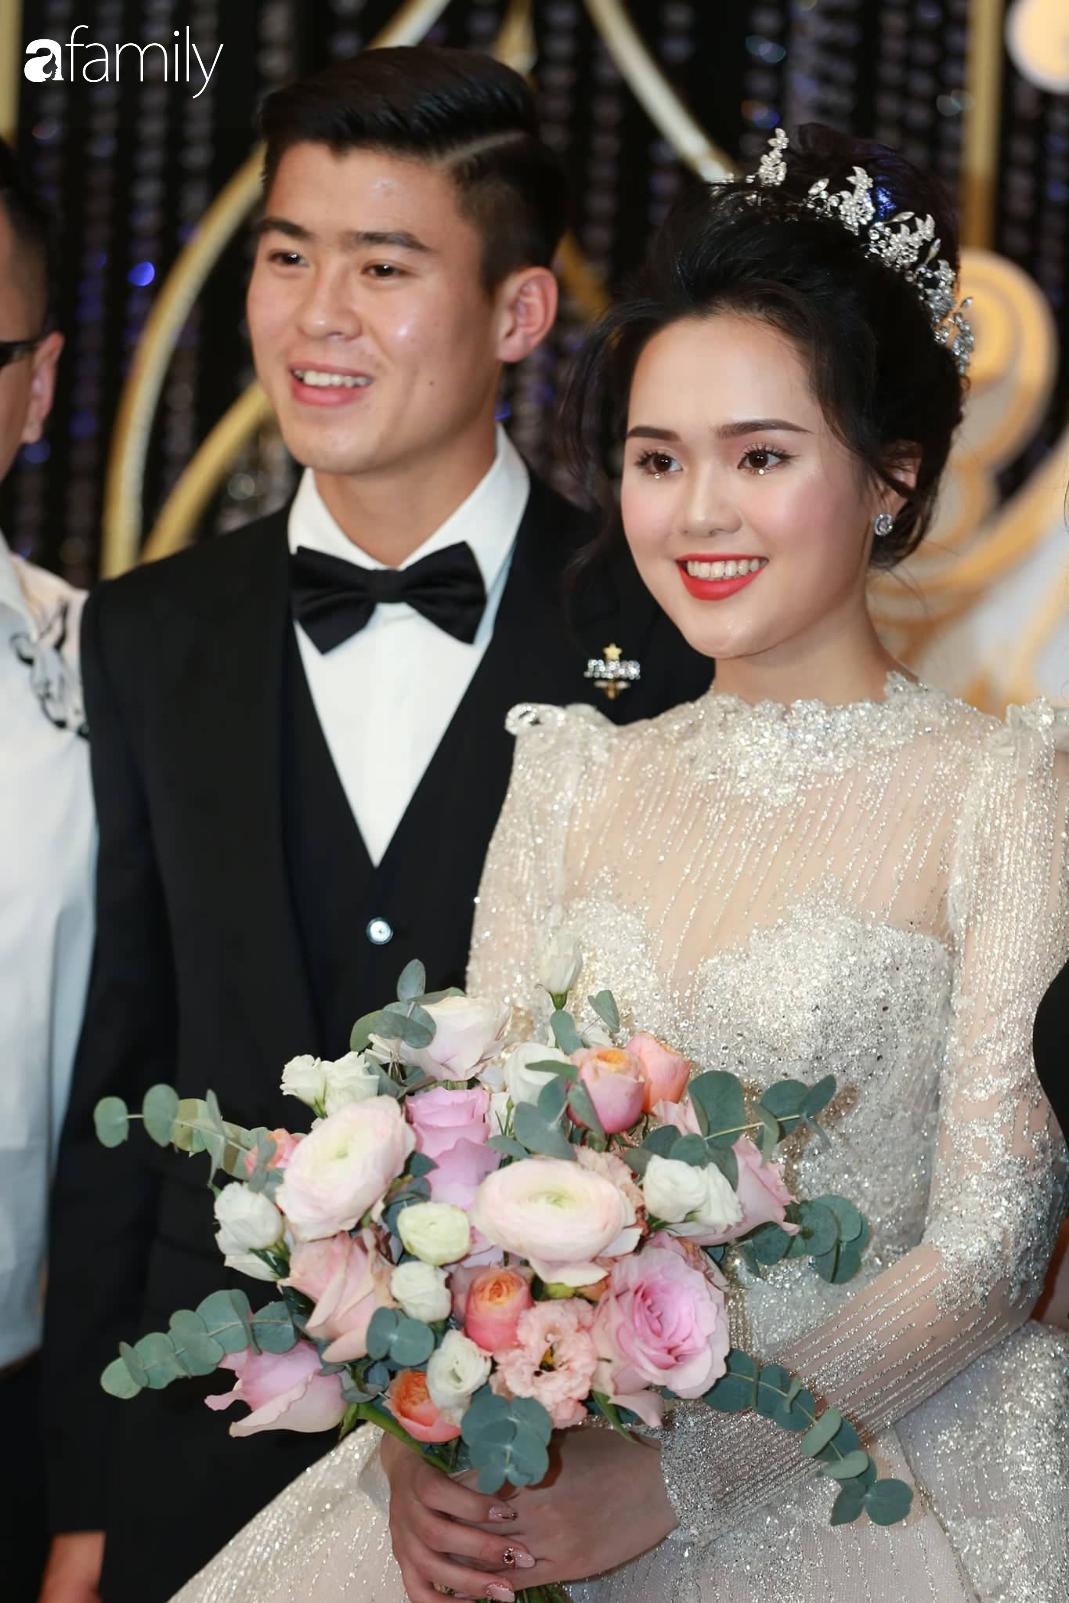 Tiếp tục màn khen nhan sắc cô dâu: Quỳnh Anh xinh muốn lịm tim, khoe layout make up chưa từng có tiền lệ tại Vbiz - Ảnh 4.